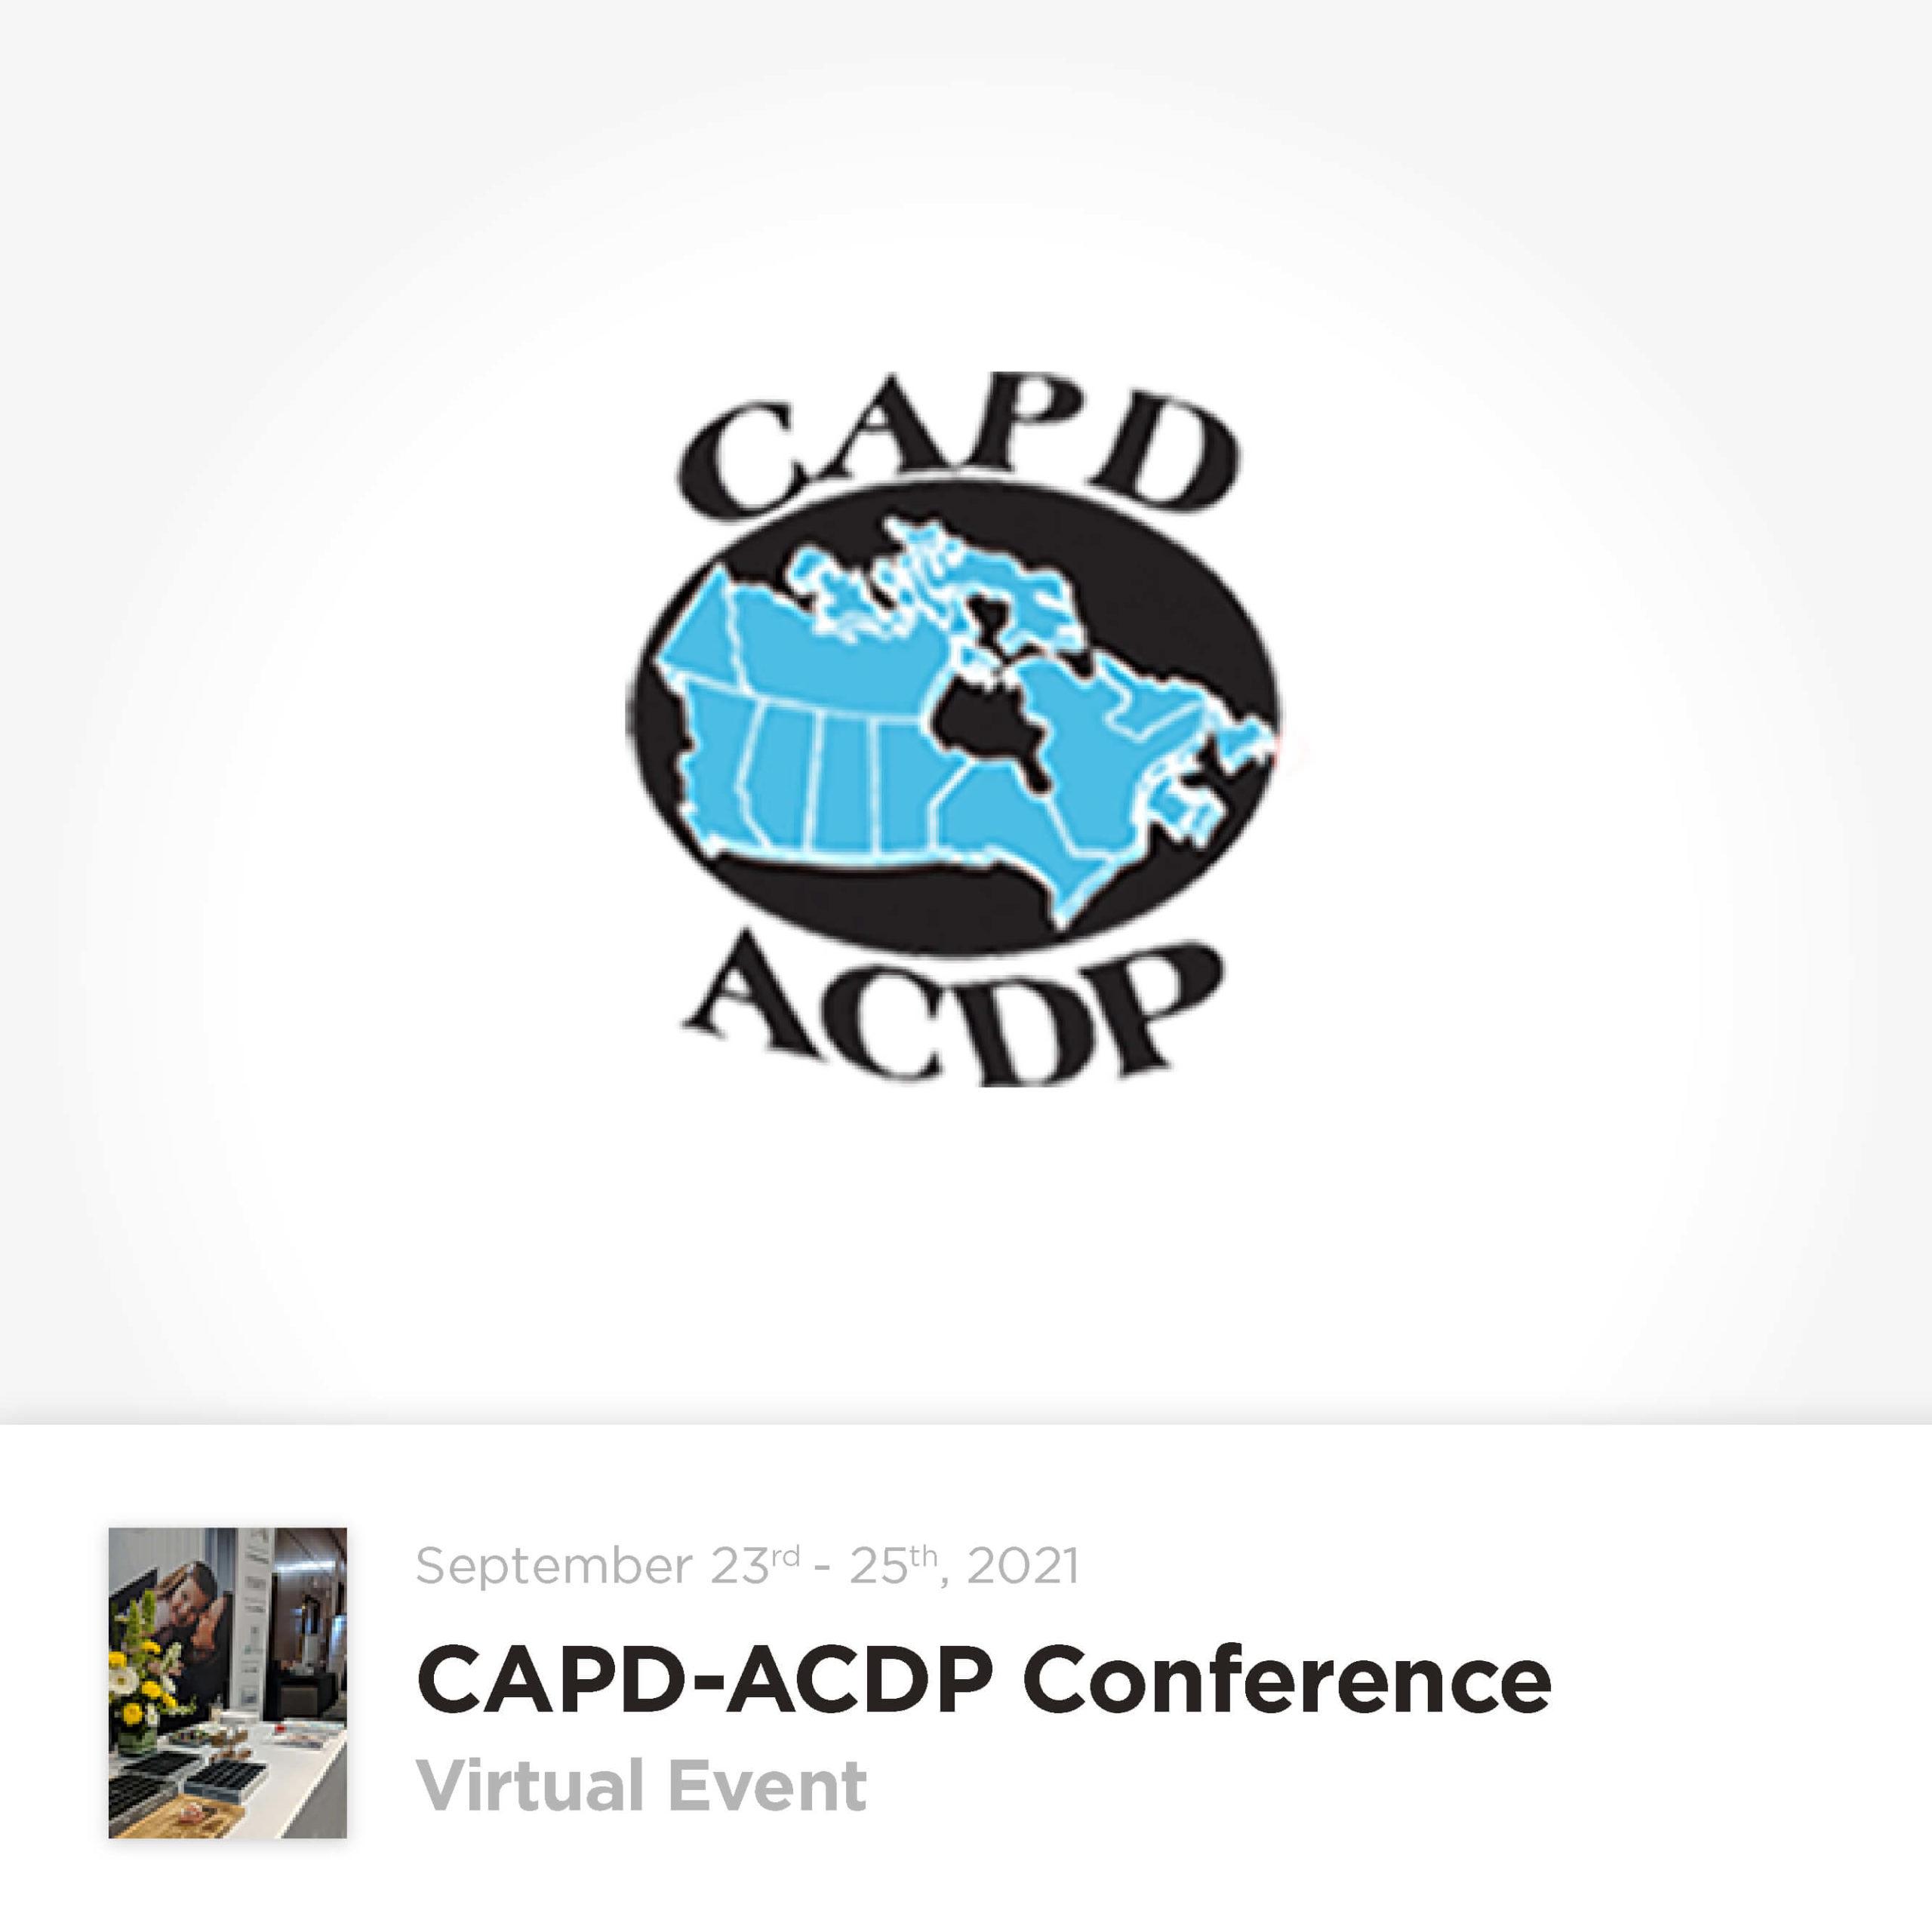 CAPD21-Sep23-25